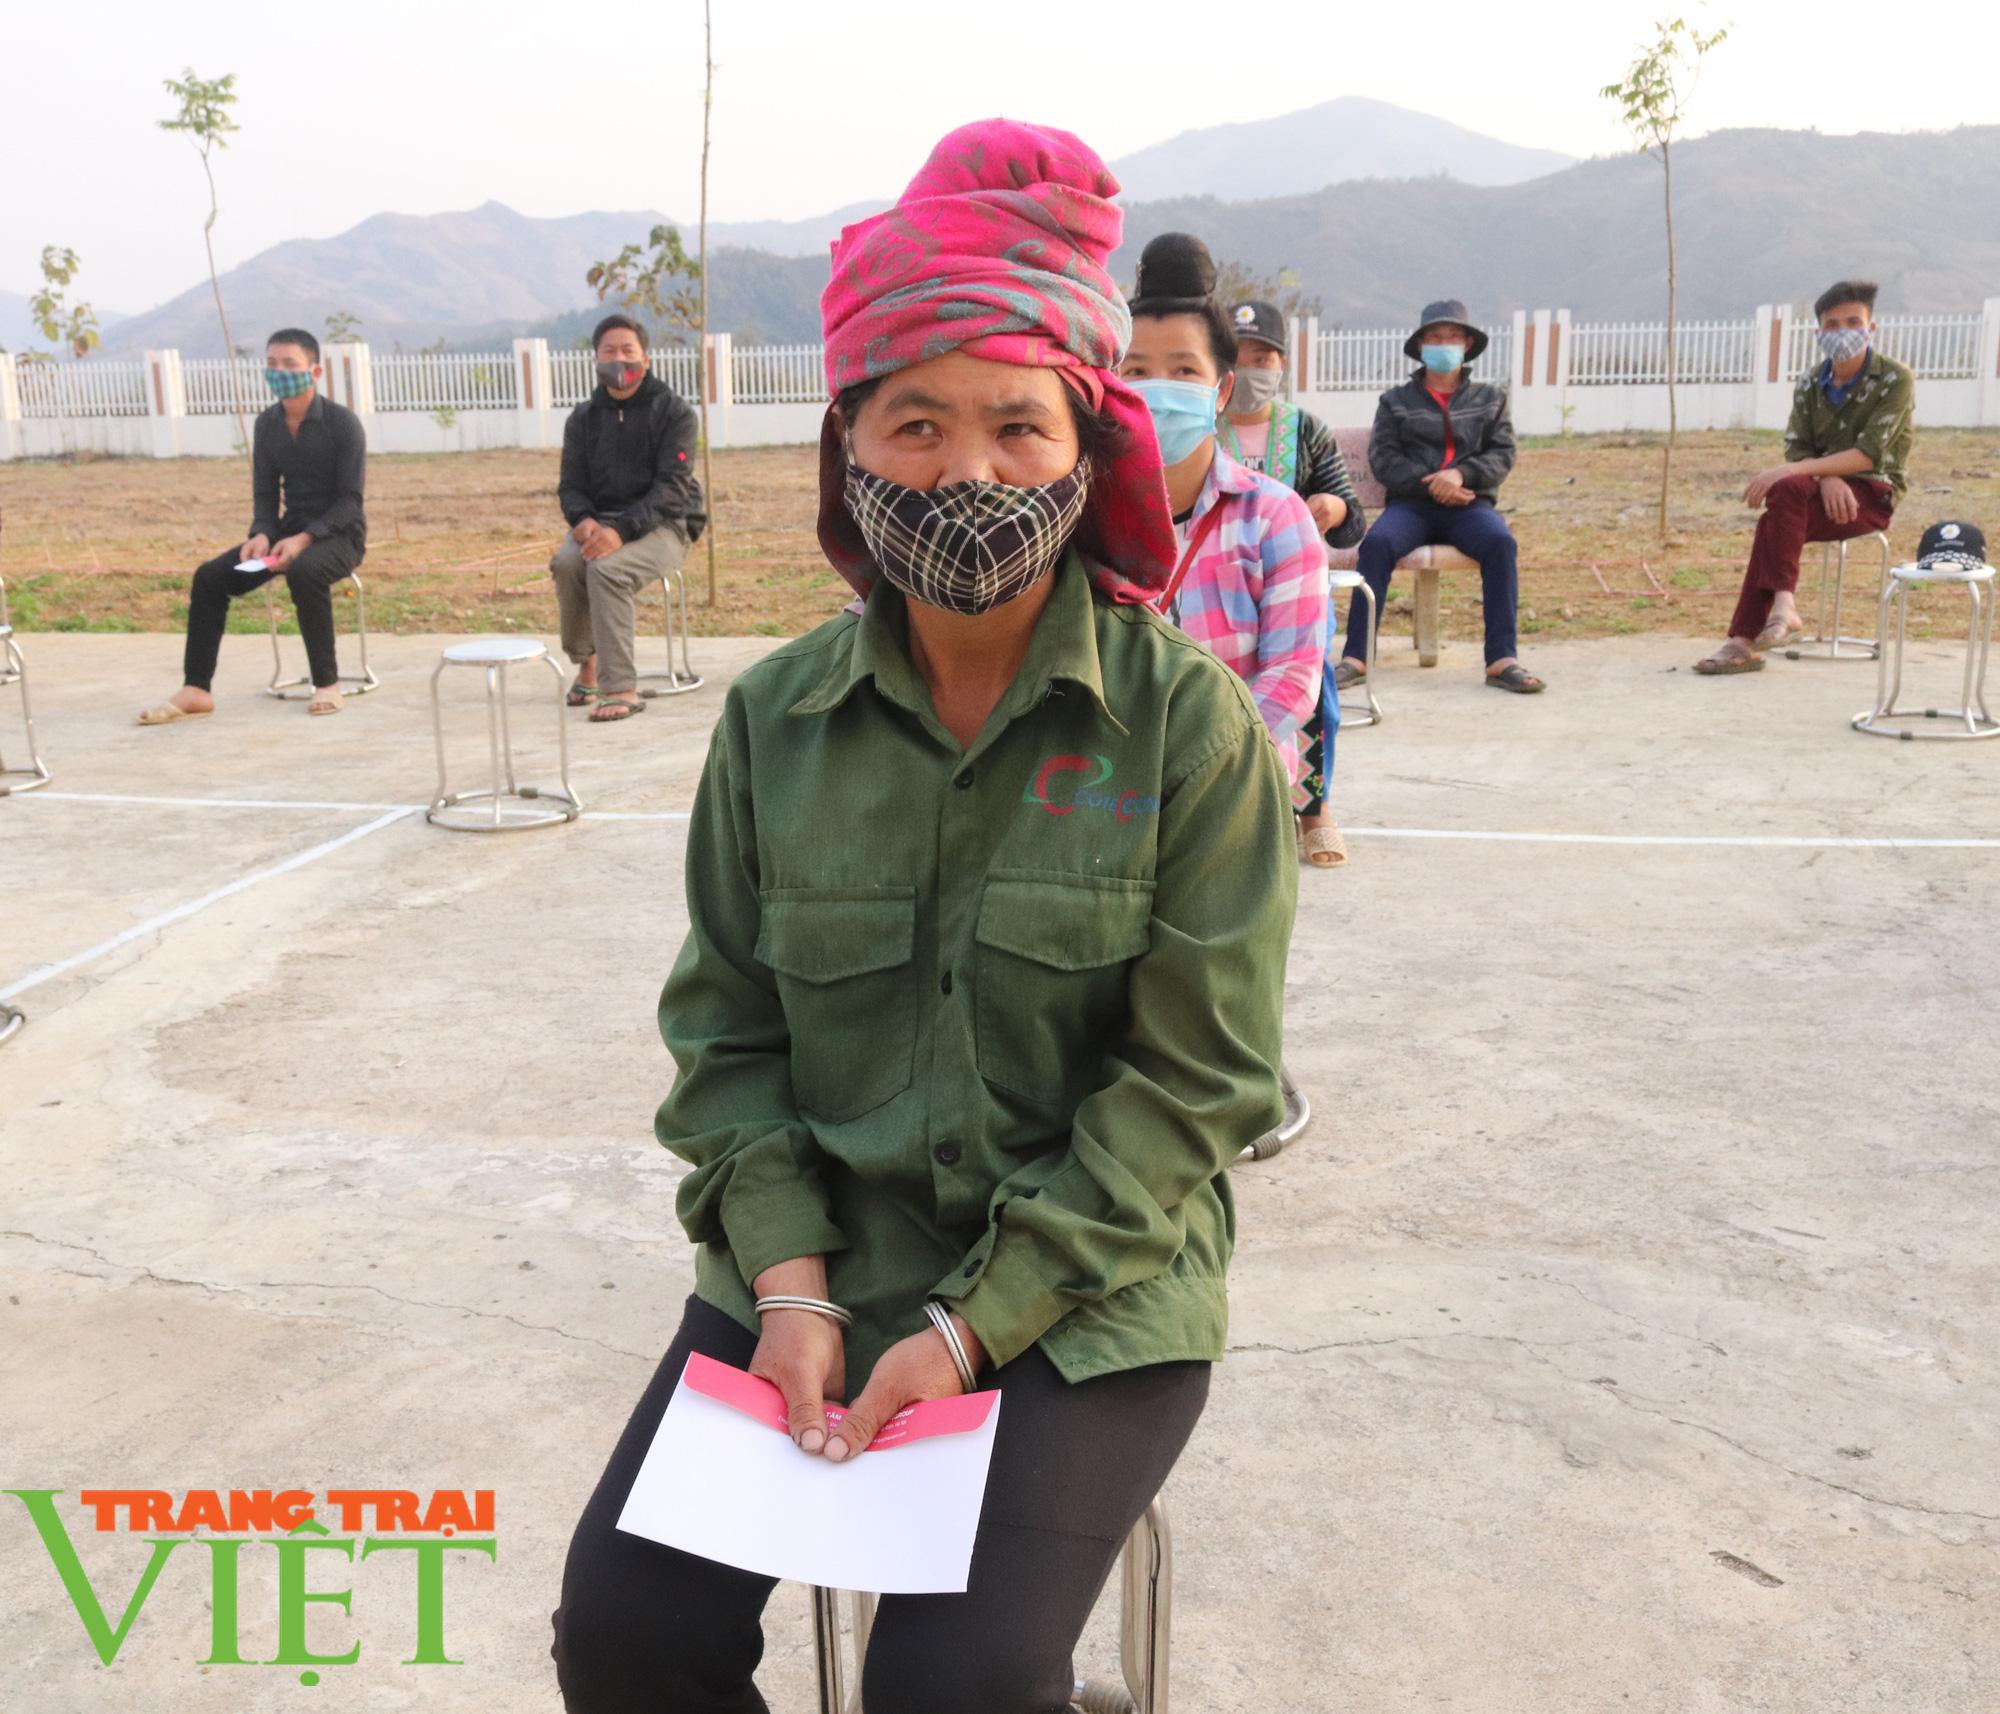 Báo NTNN/Dân Việt/Trang Trại Việt chung tay lo tết với nông dân nghèo Sơn La  - Ảnh 10.